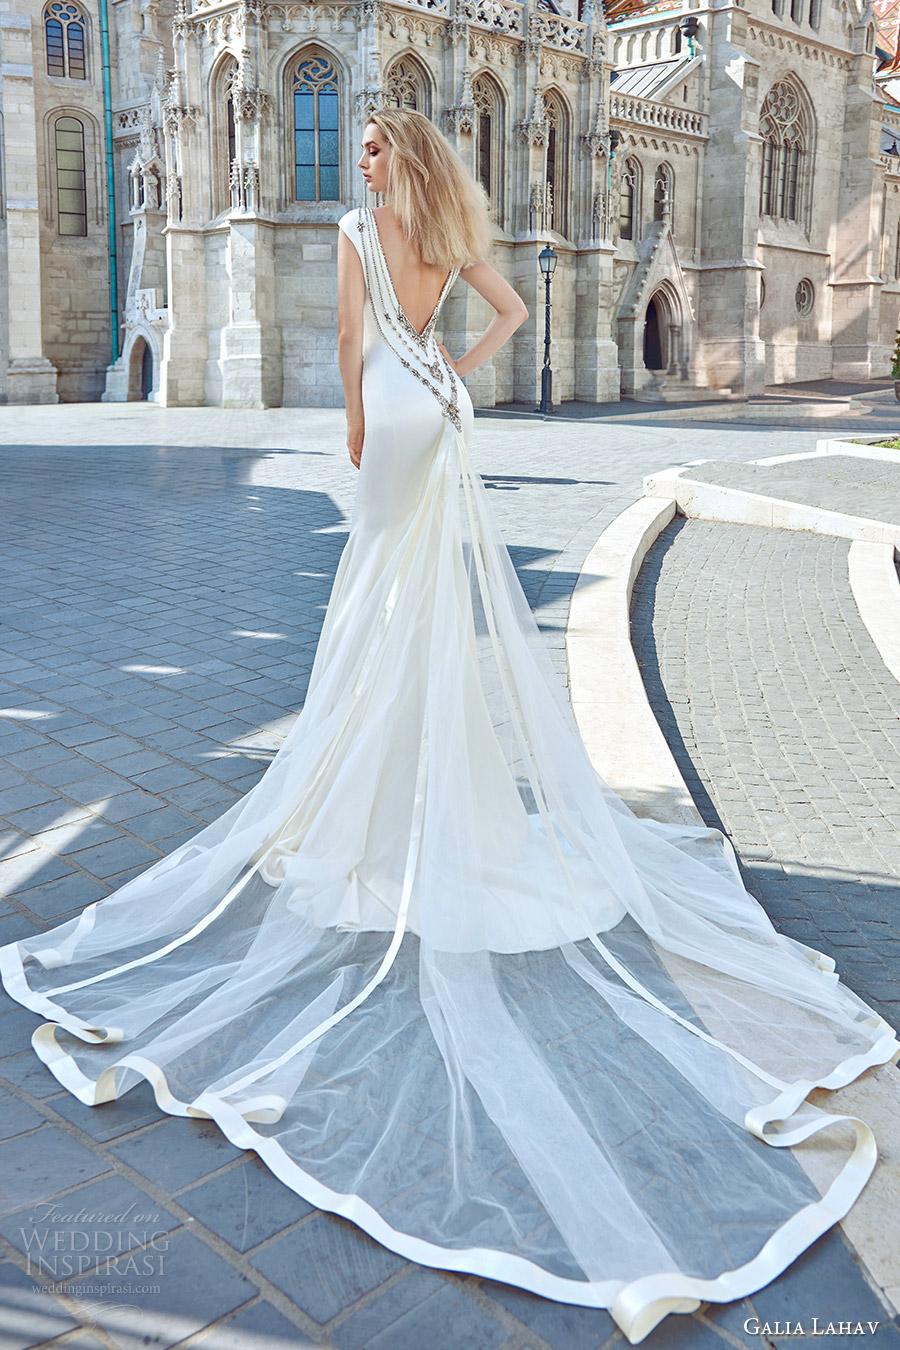 Ysa Makino Wedding Dress 98 Epic galia lahav fall bridal